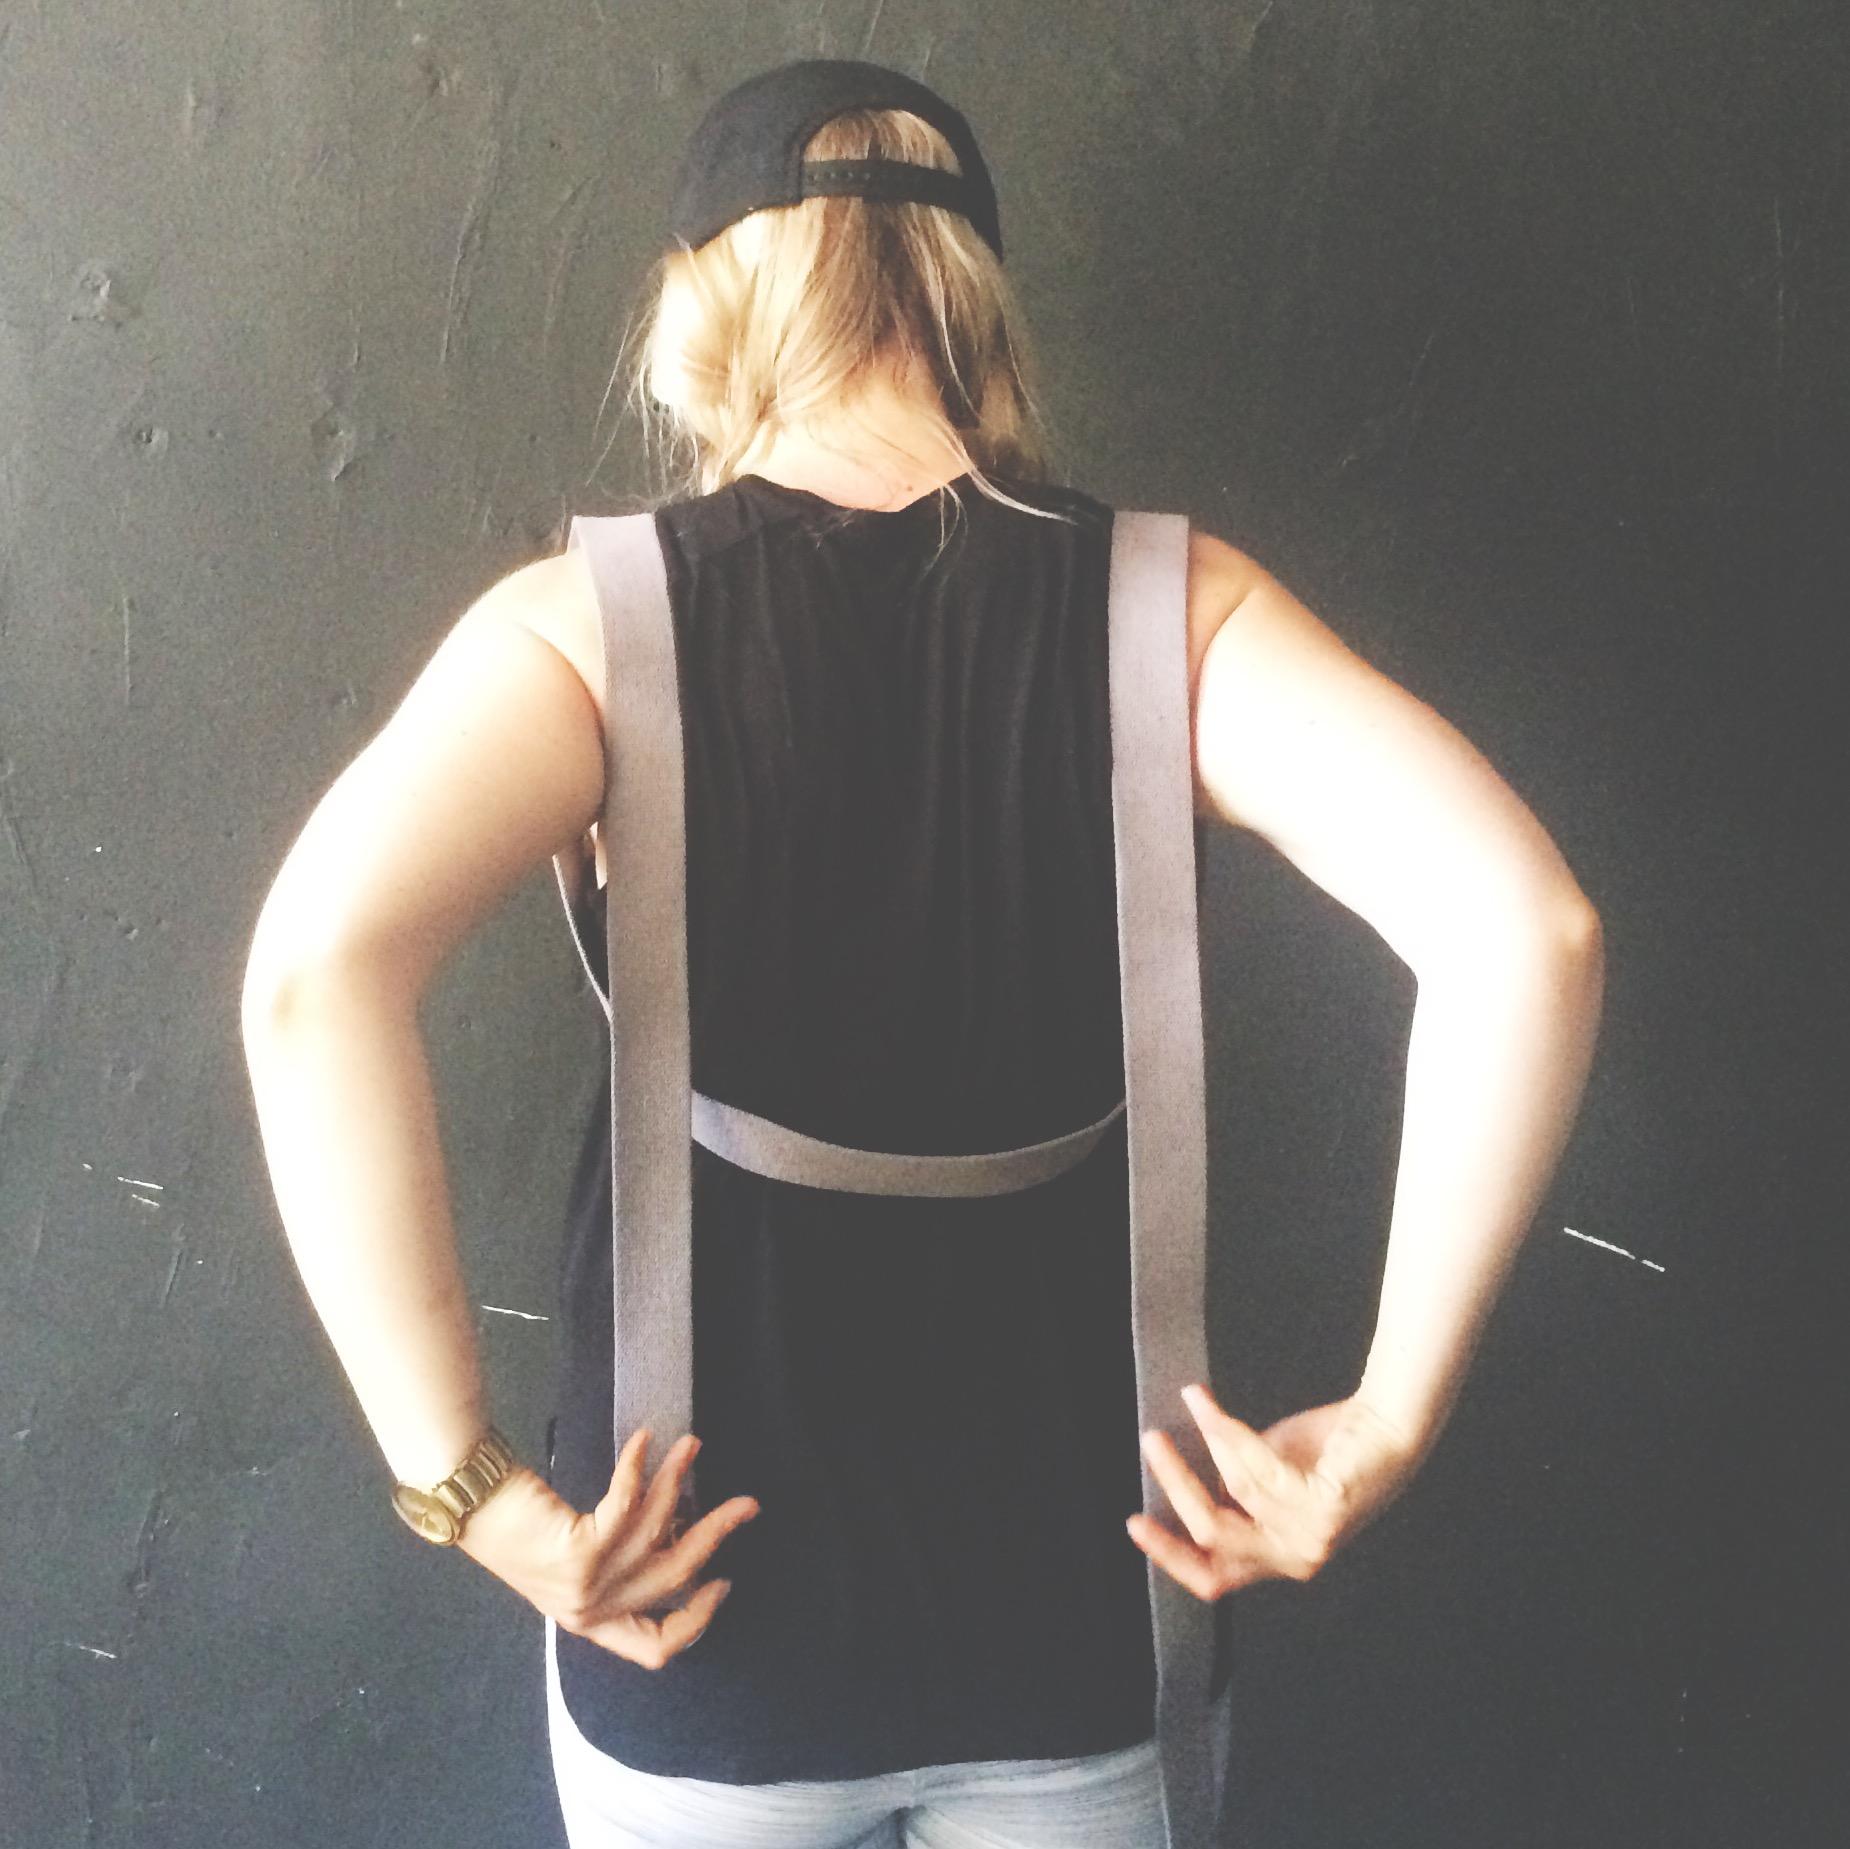 yoga strap tricks shoulder bind 3